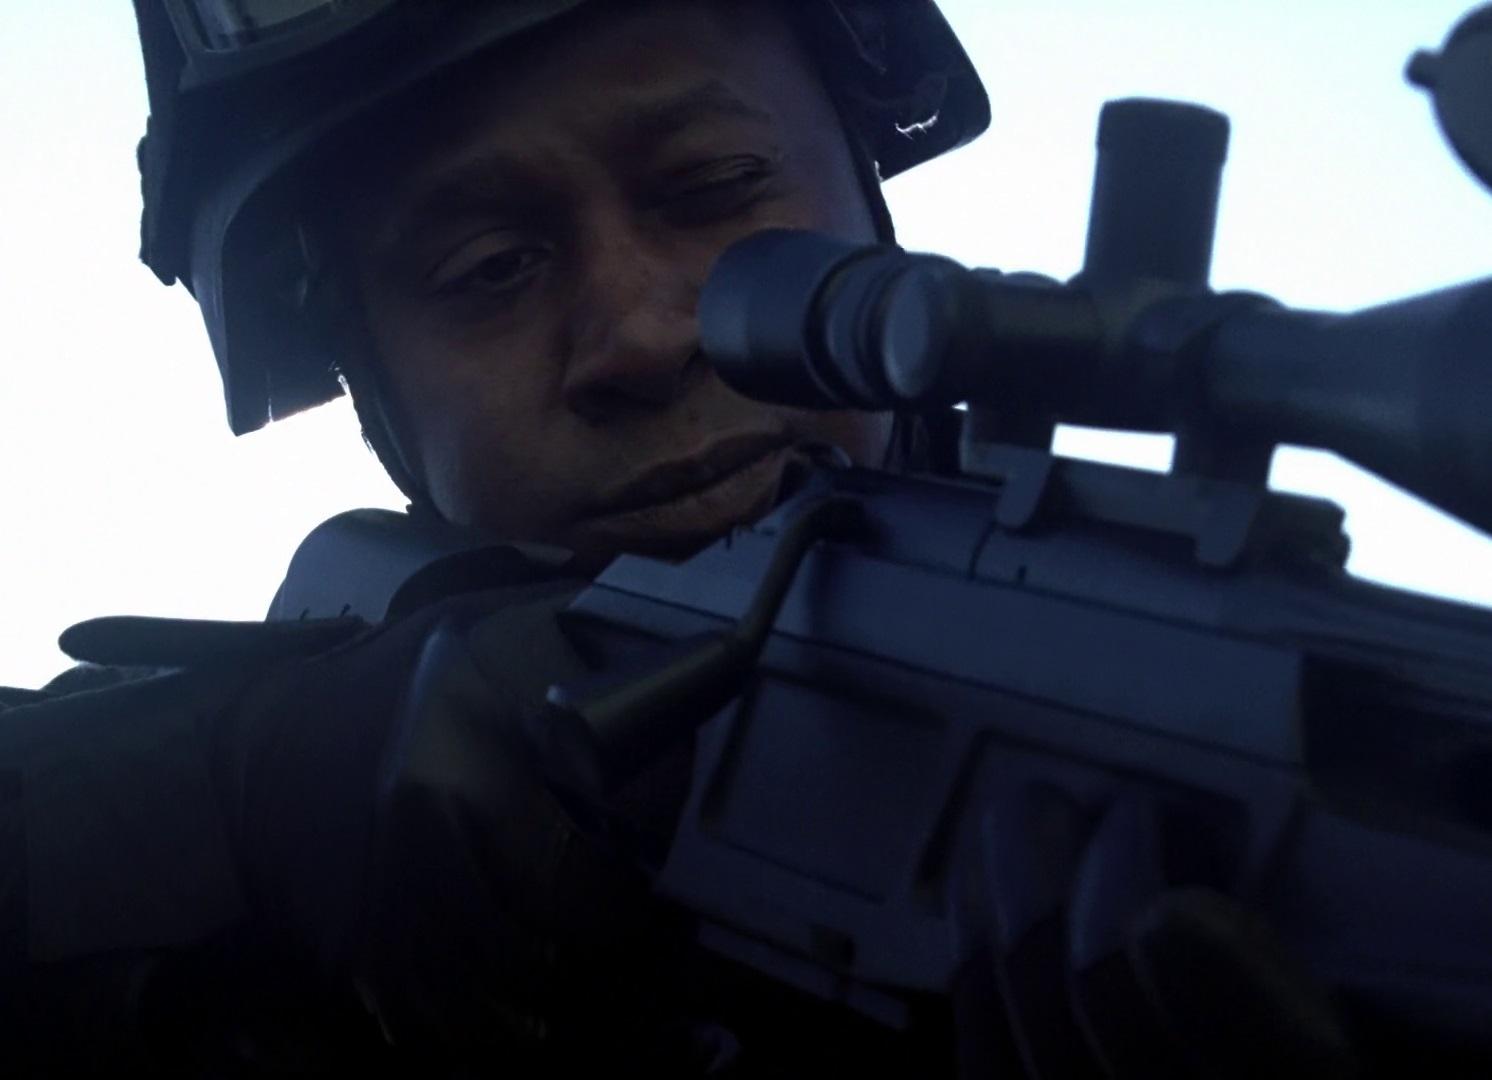 File:8x16-swat-ctu-sniper.jpg